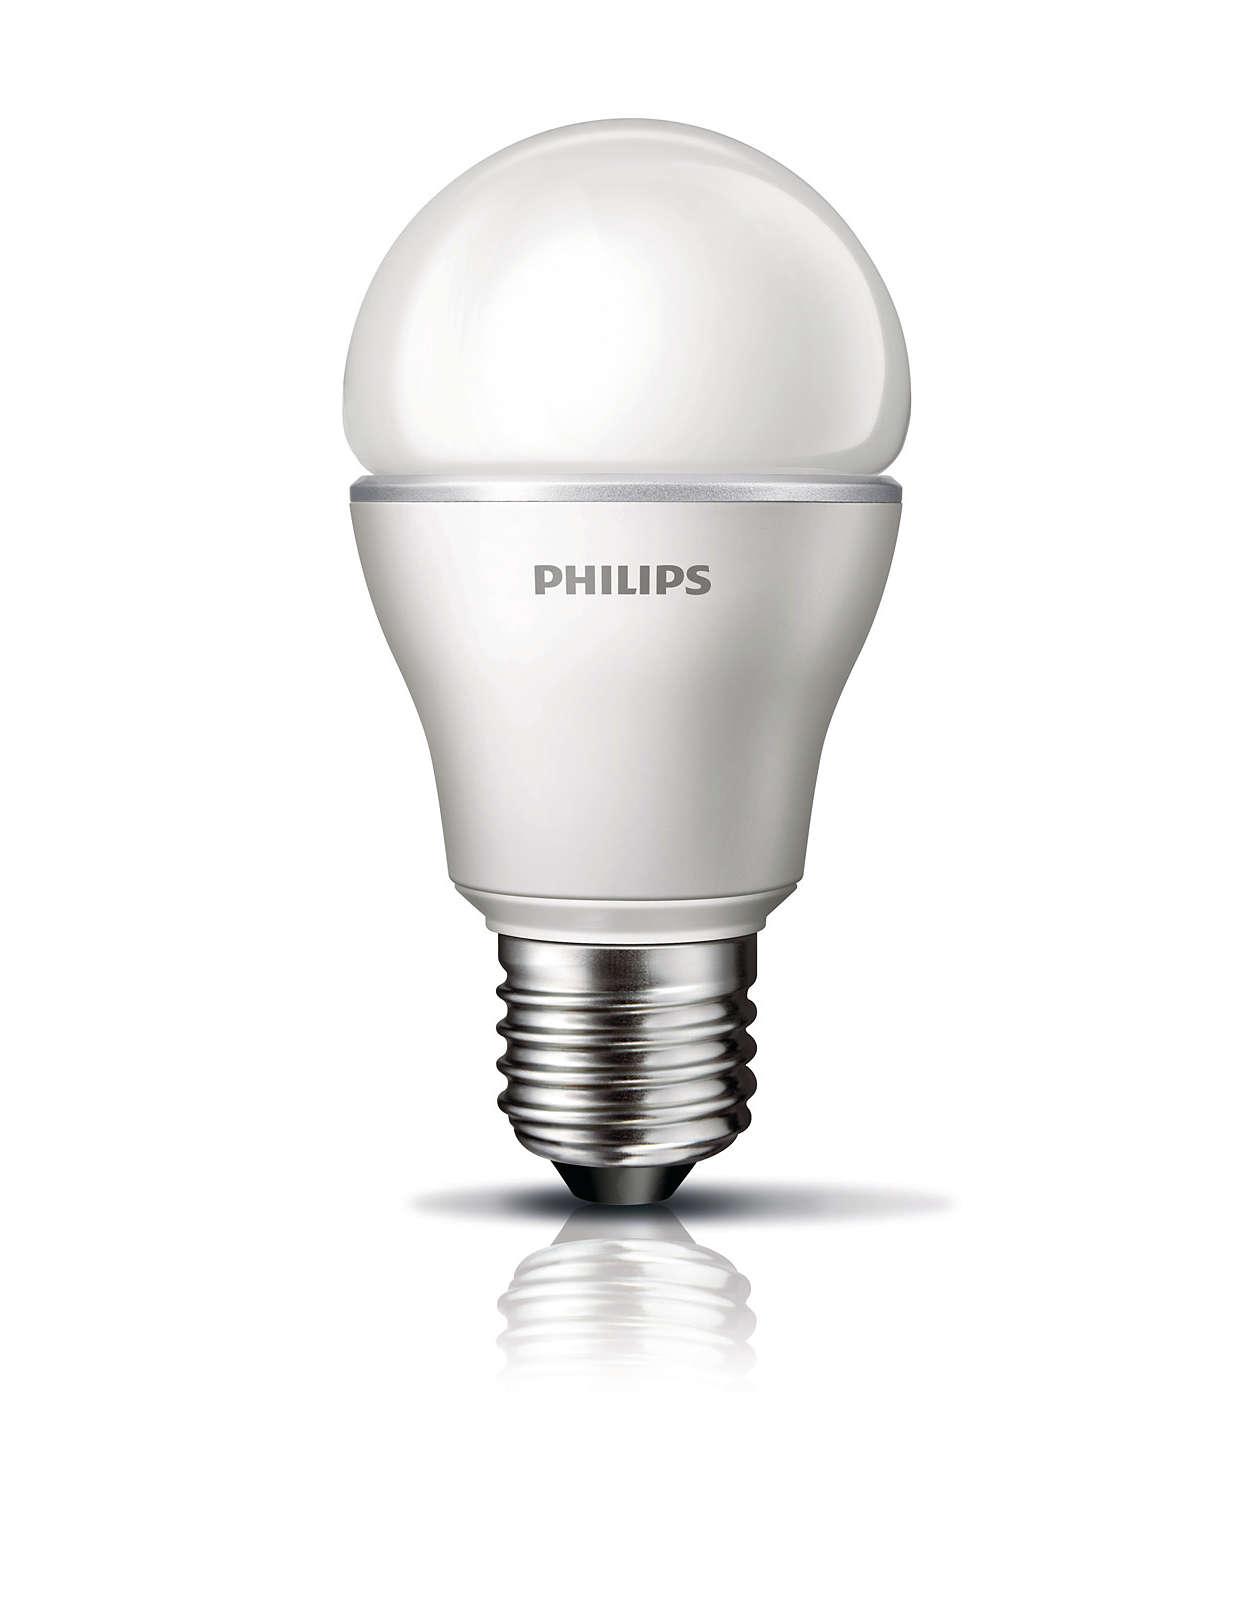 Tökéletes fényminőség, maximális energiatakarékosság